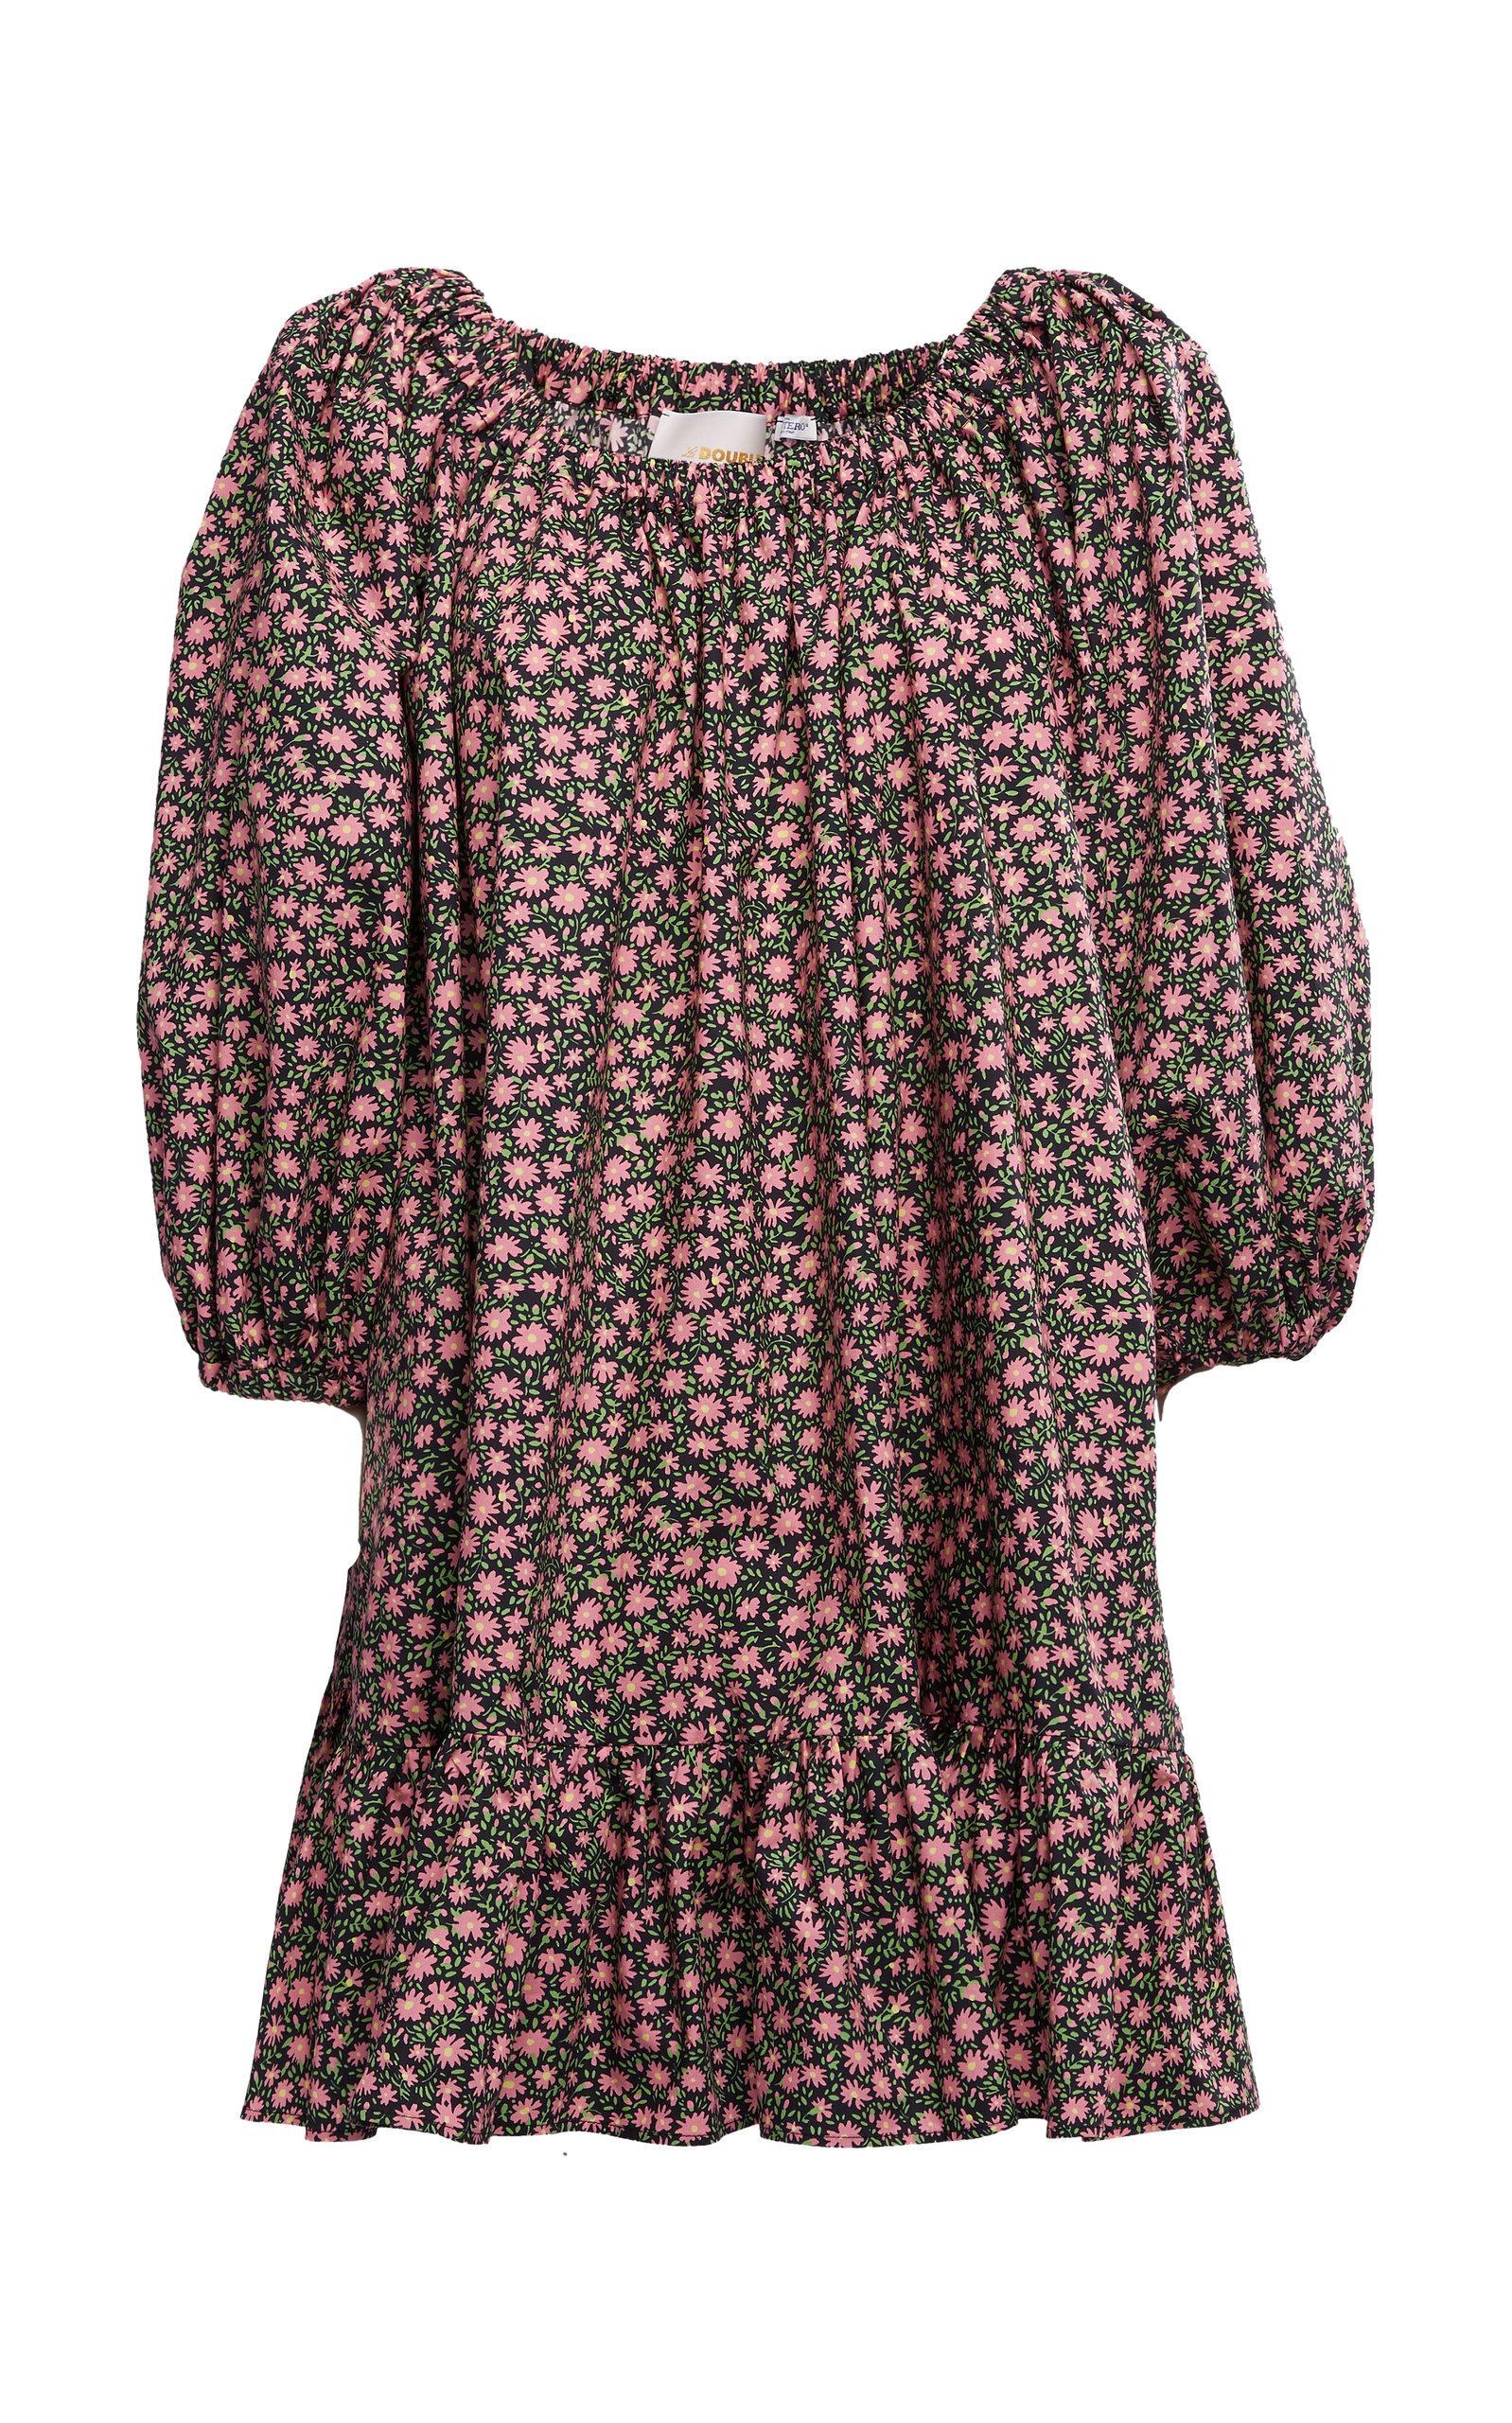 Buy La DoubleJ Paloma Off-The-Shoulder Cotton Mini Dress online, shop La DoubleJ at the best price